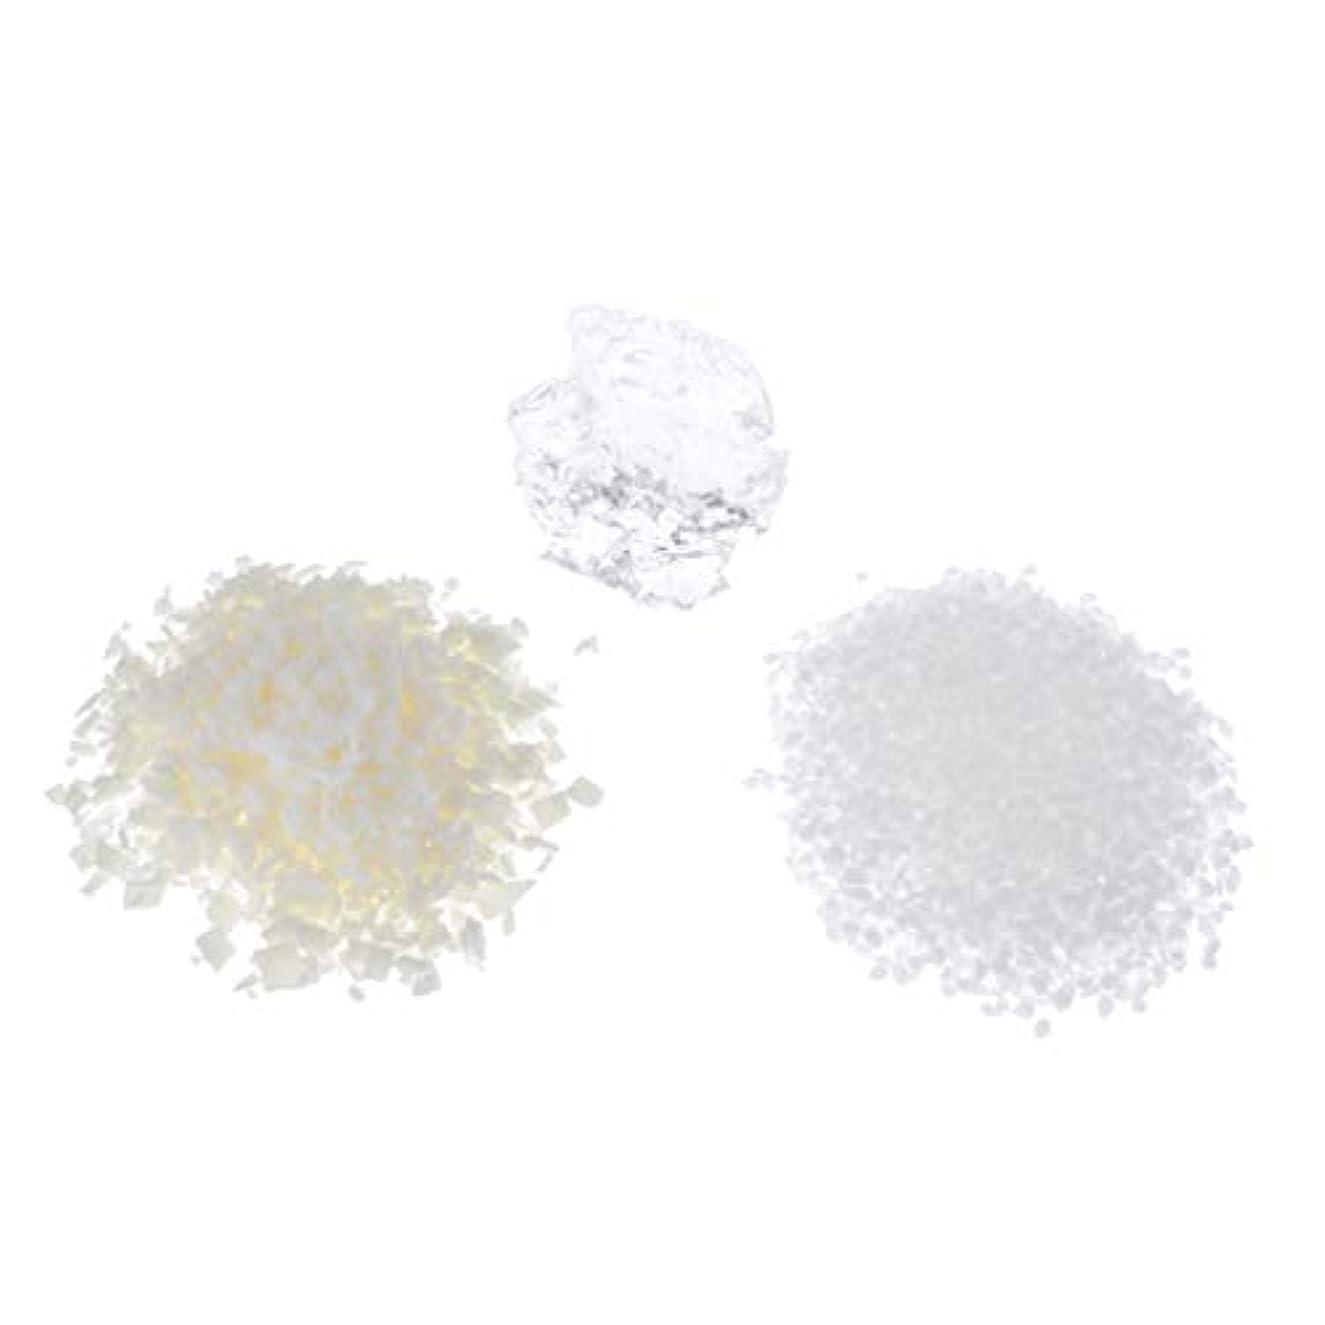 叱るモック支払うdailymall 大豆ワックス/手作りキャンドル/ Diy素材/香料入りキャンドル/ Diyキャンドル/大豆ワックス素材300g